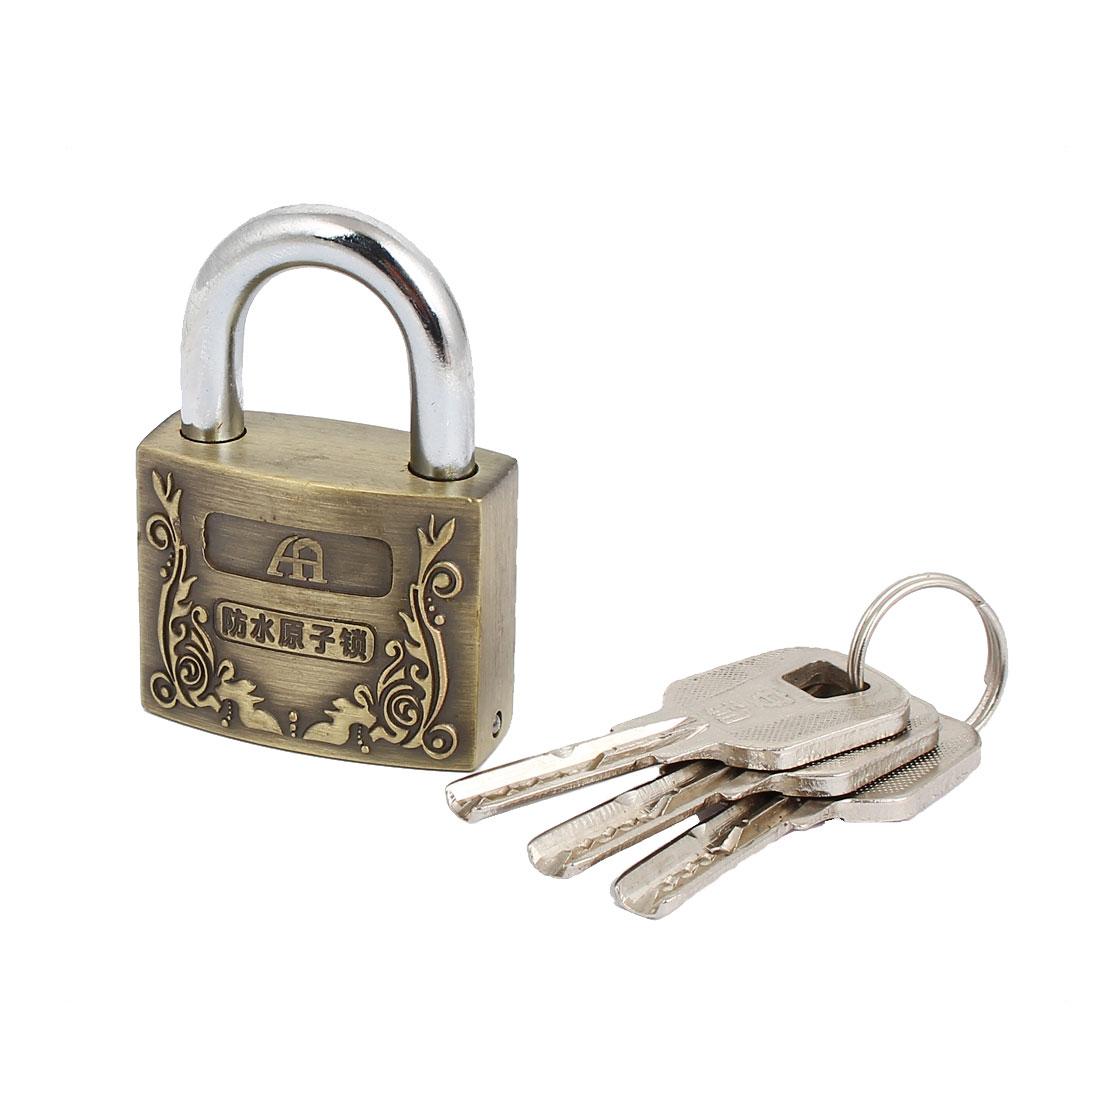 Cabinet Cupboard Alloy Security Padlock Lock 40mm Width 7mm Dia Shackle w 3 Keys